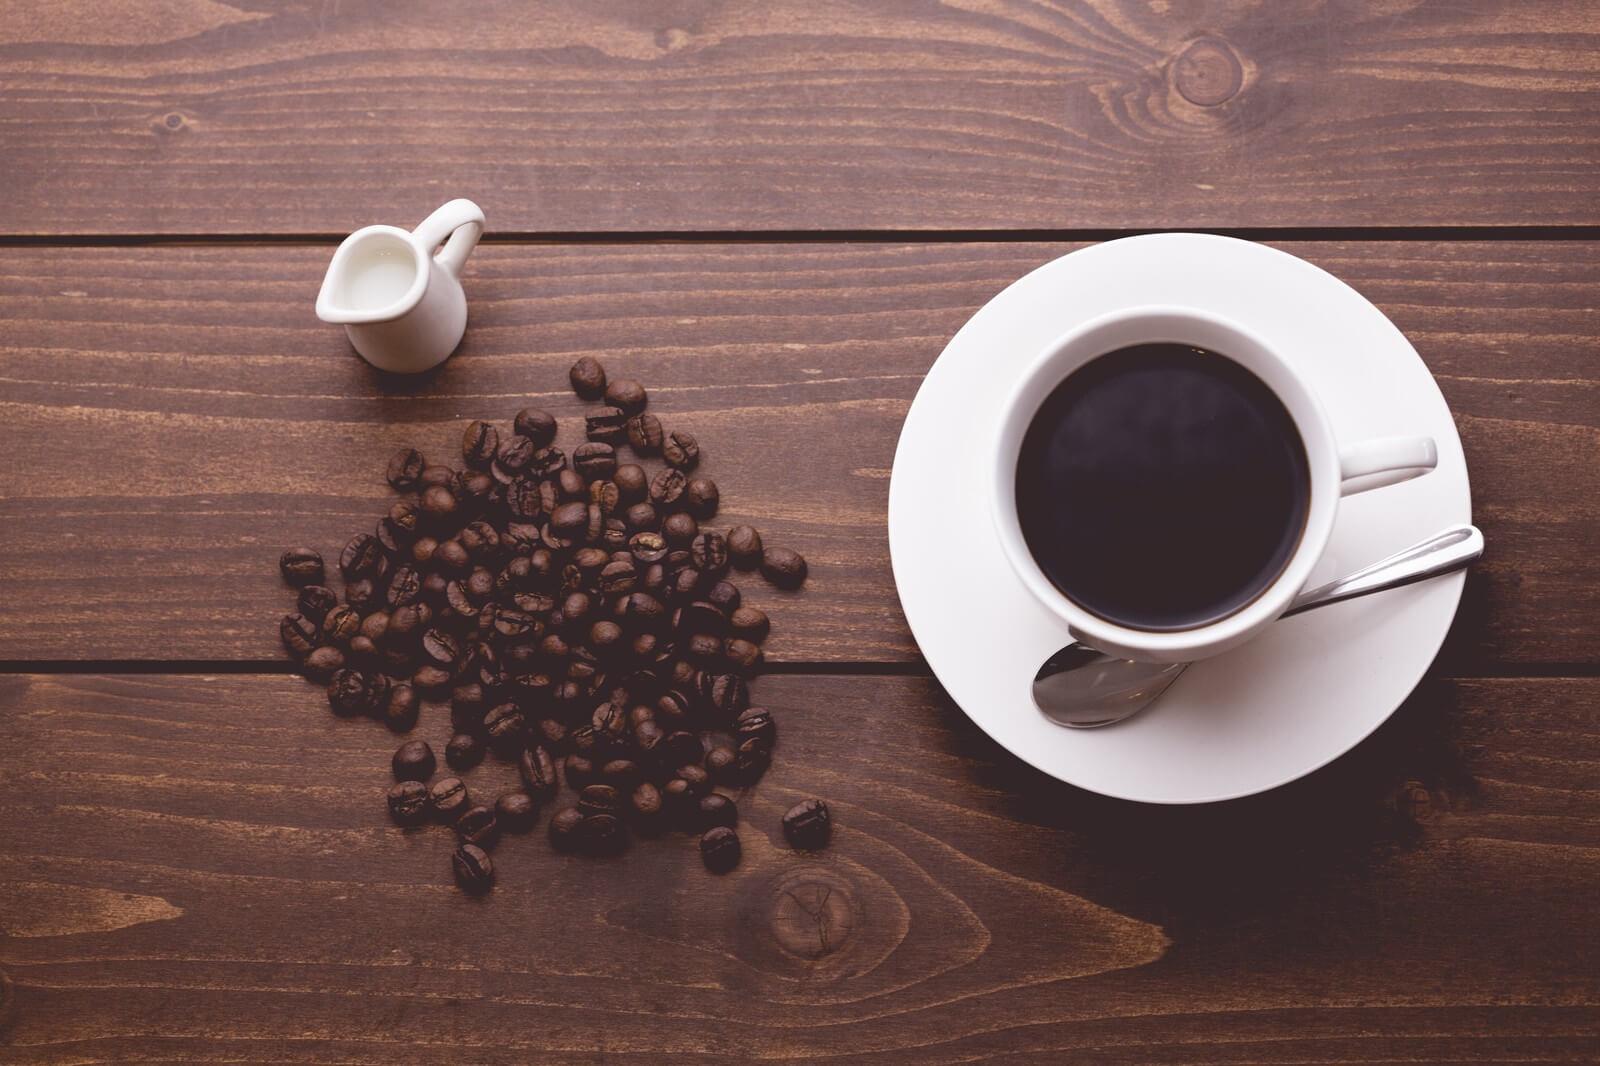 コーヒーを飲むと眠くならないの?眠気を覚ますにはコーヒーよりも〇〇がオススメです!